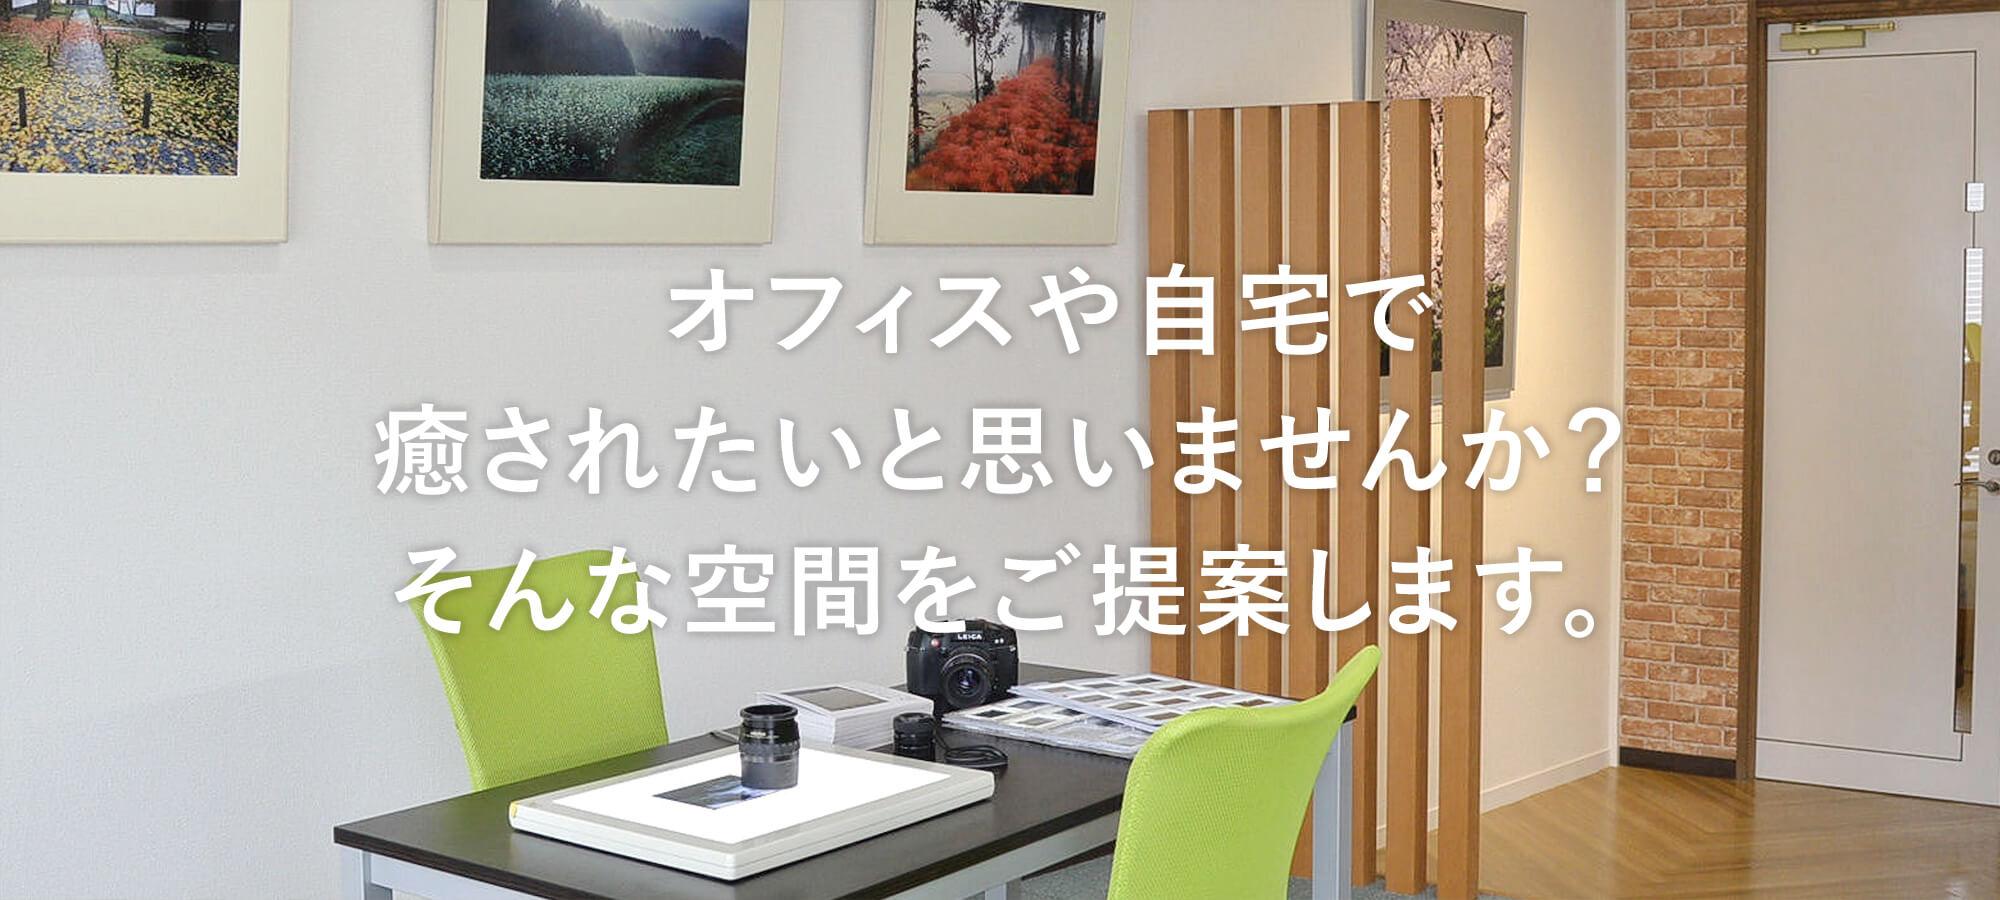 オフィスや自宅で癒されたいと思いませんか?そんな空間をご提案します。